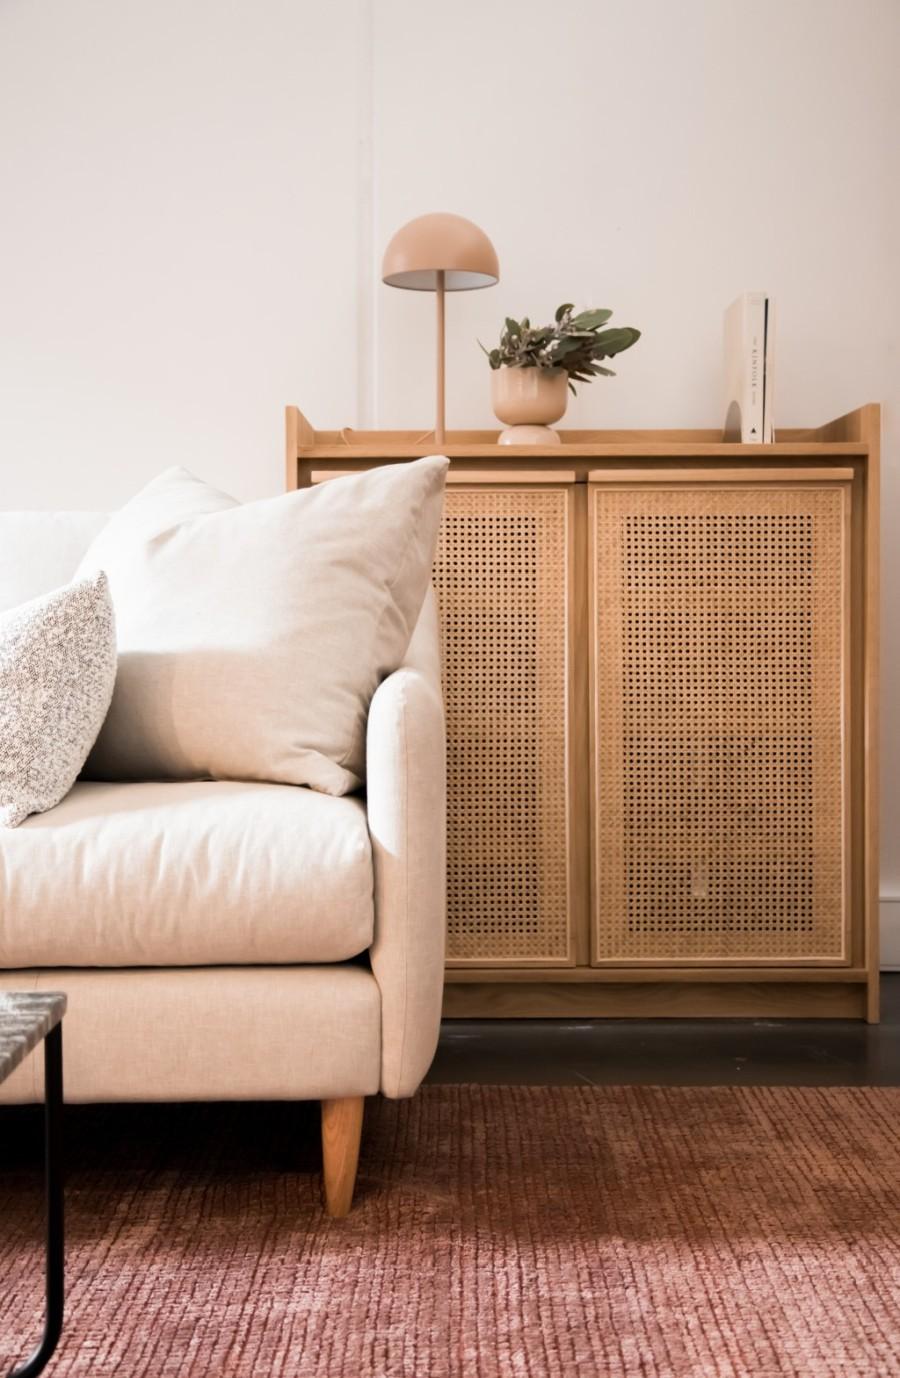 Arredare il soggiorno: Madia o Credenza